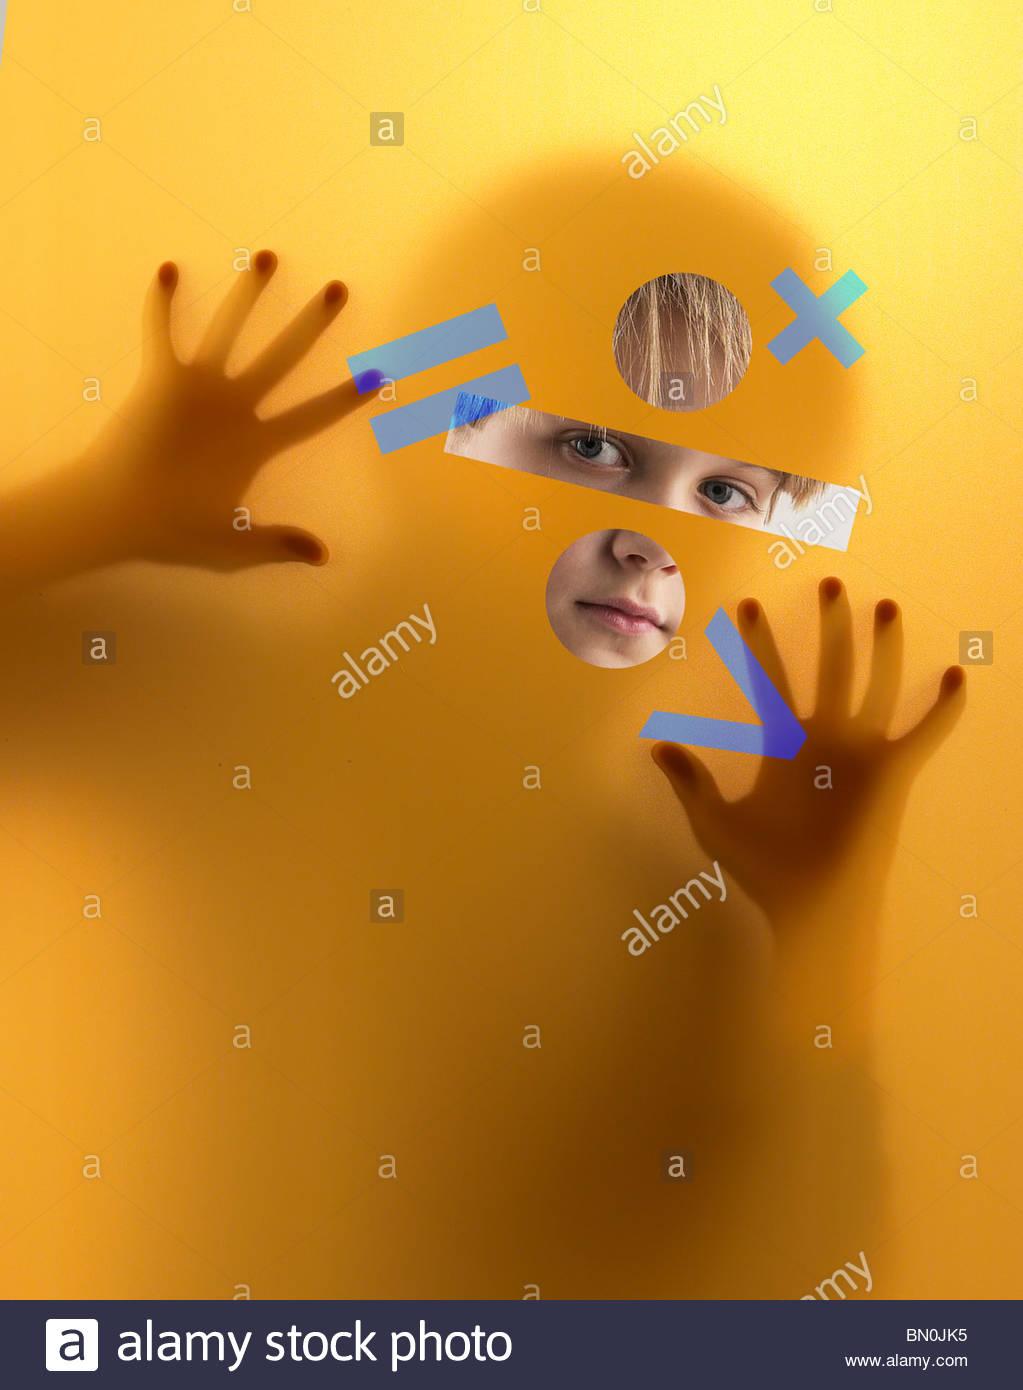 Ein Junge blickt durch ein Sieb in Mathematik Symbole abgedeckt Stockbild